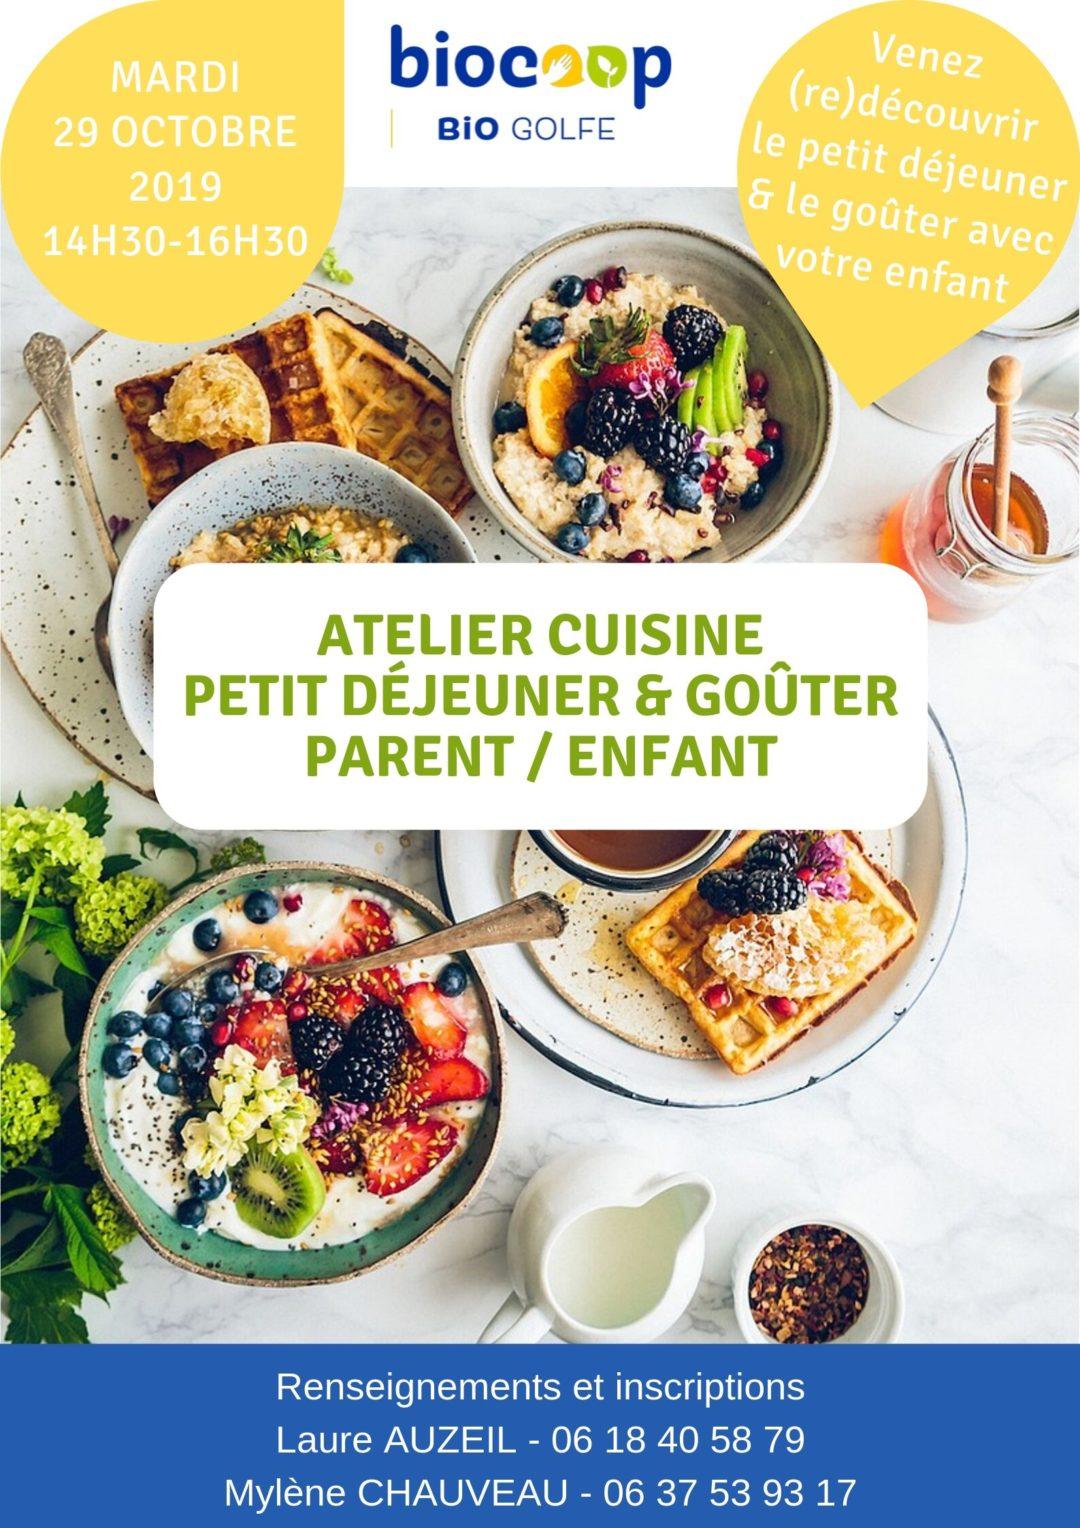 Atelier de cuisine enfant/parent sur le thème du goûter et petit déjeuner